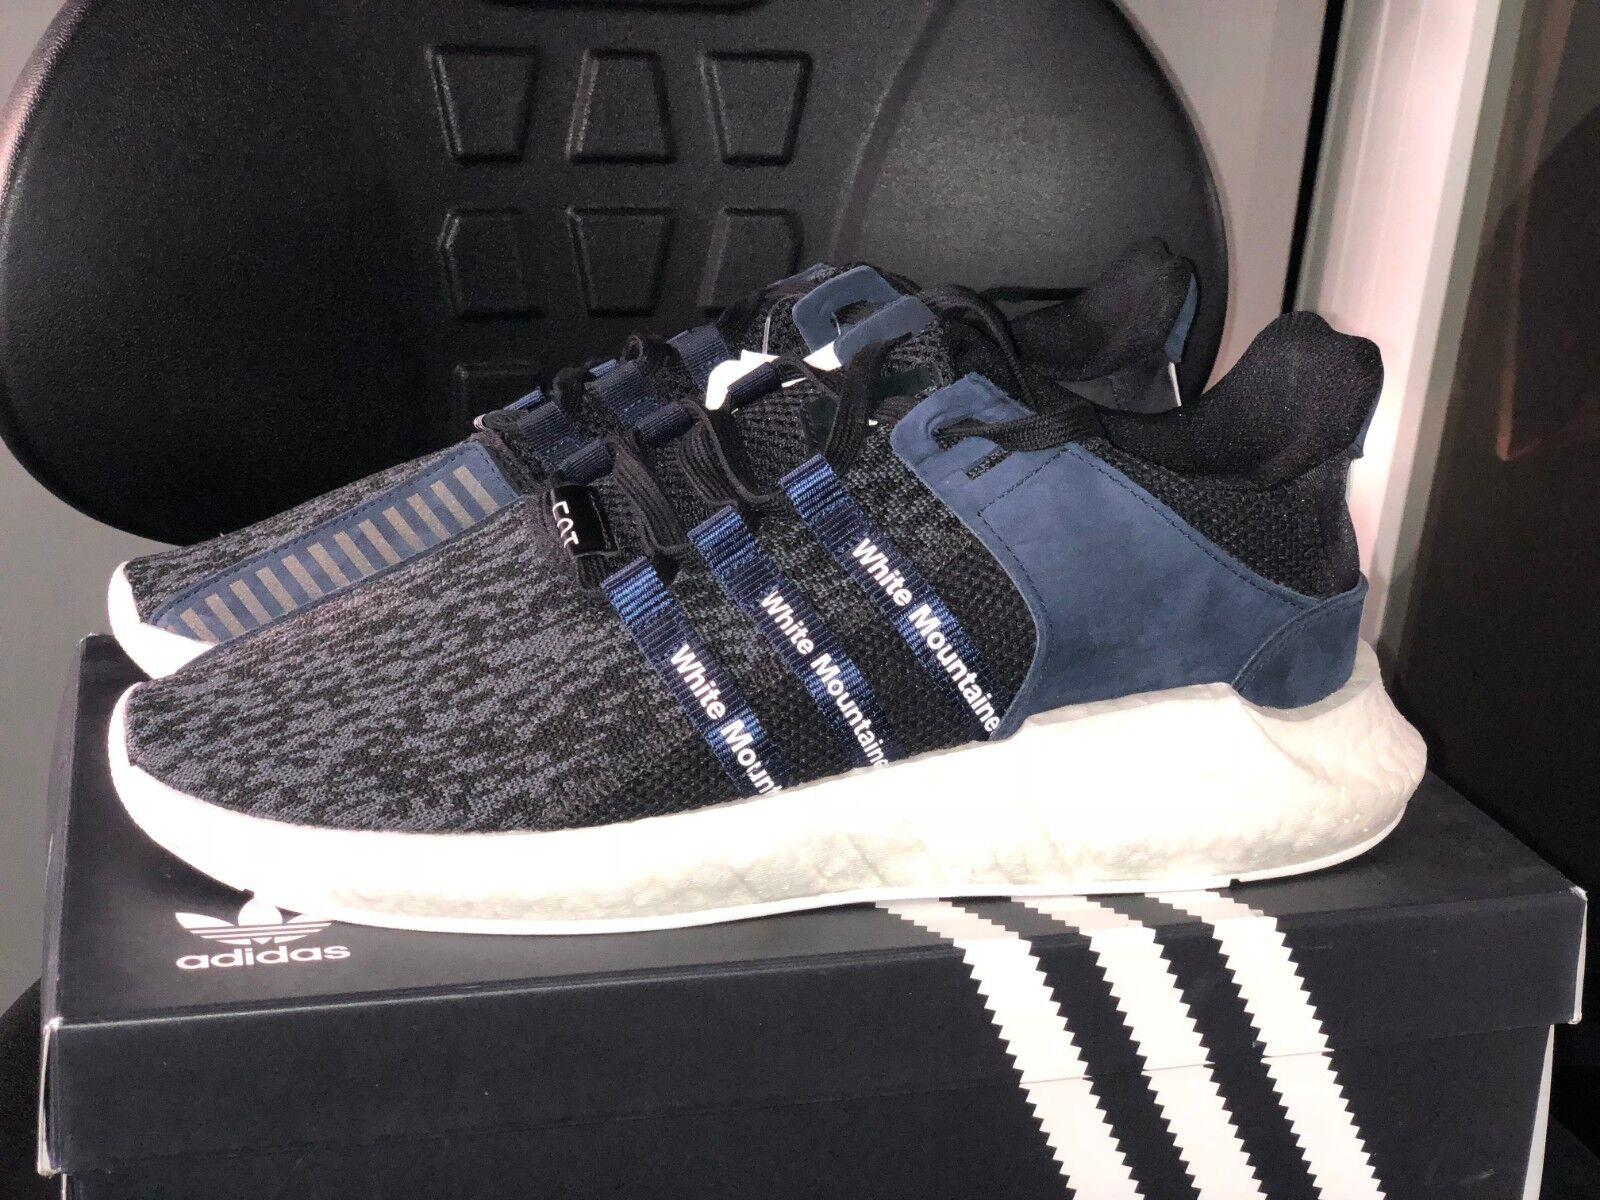 Adidas WM EQT Support Future blanc Mountaineebague Bleu Marine Noir BB3127 UK10